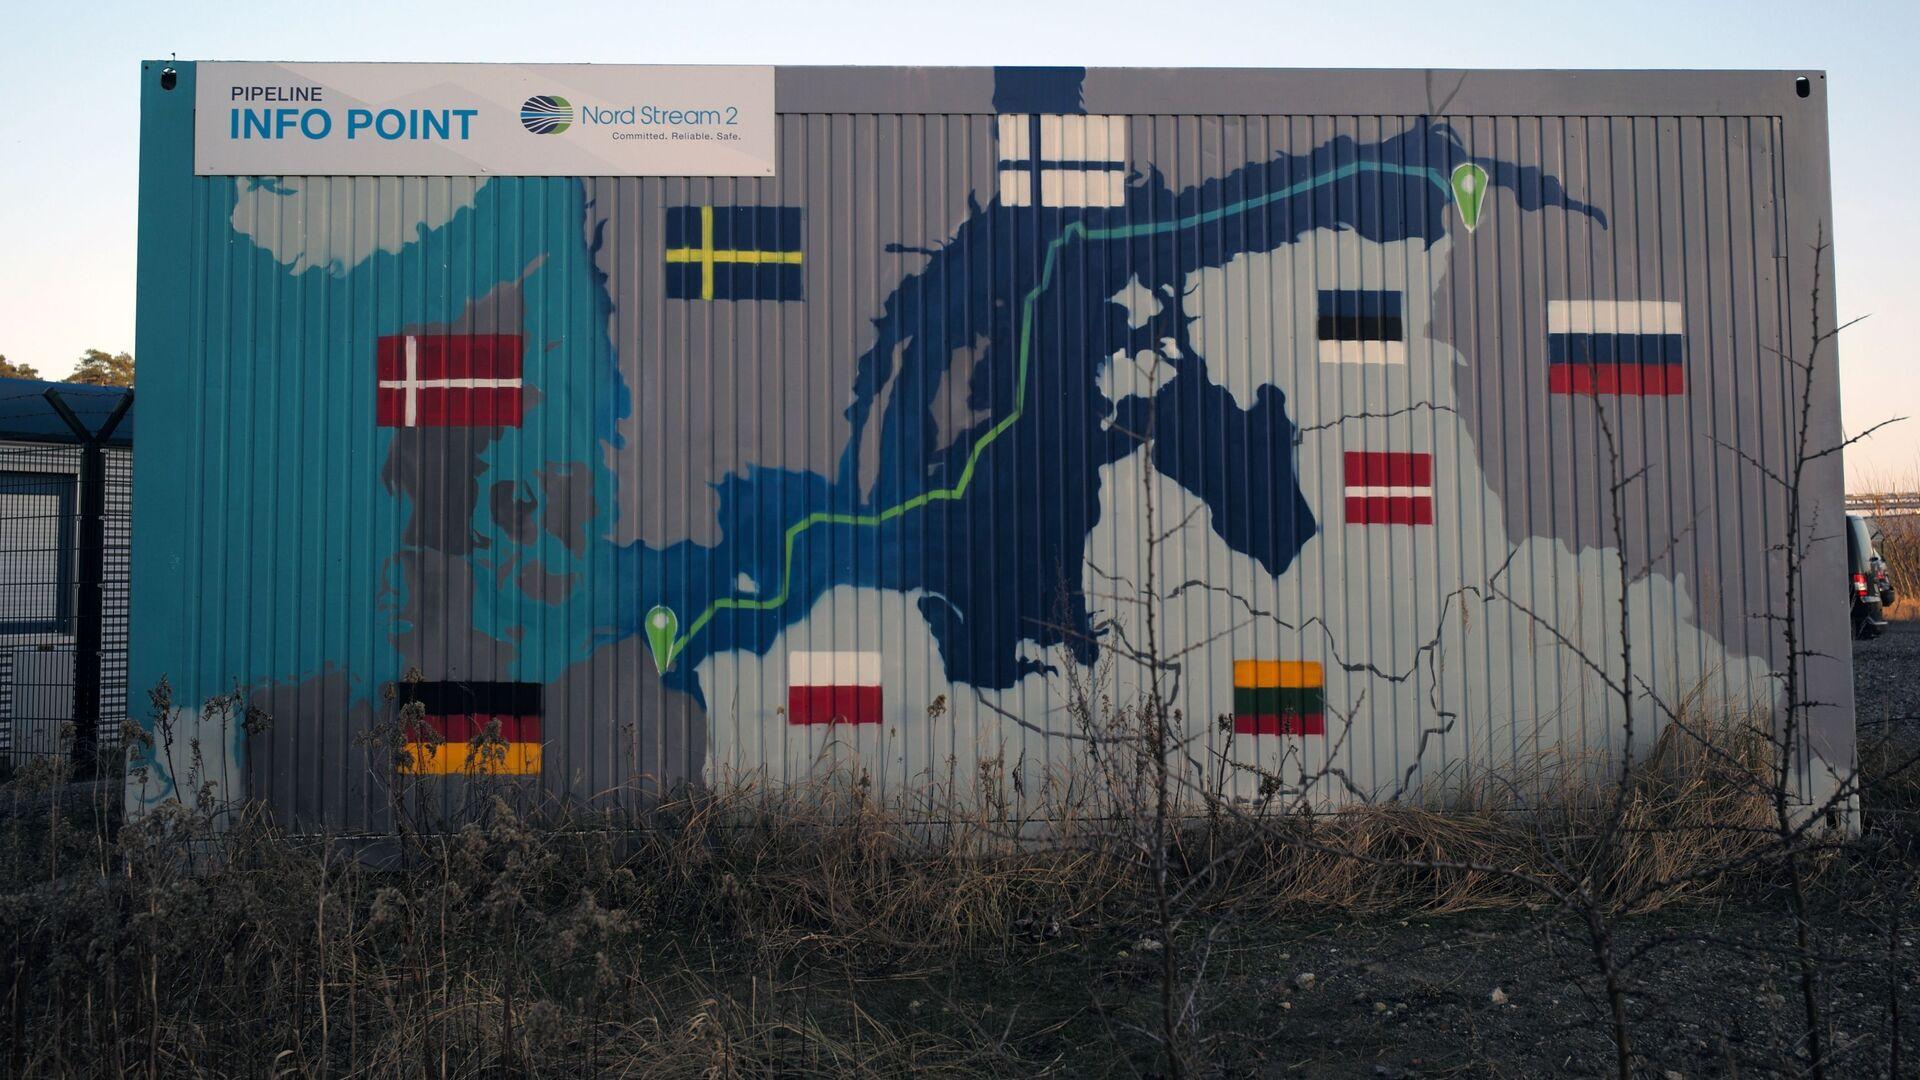 Obiekty lądowe gazociągu Nord Stream 2 w Lubminie w Niemczech. - Sputnik Polska, 1920, 18.05.2021